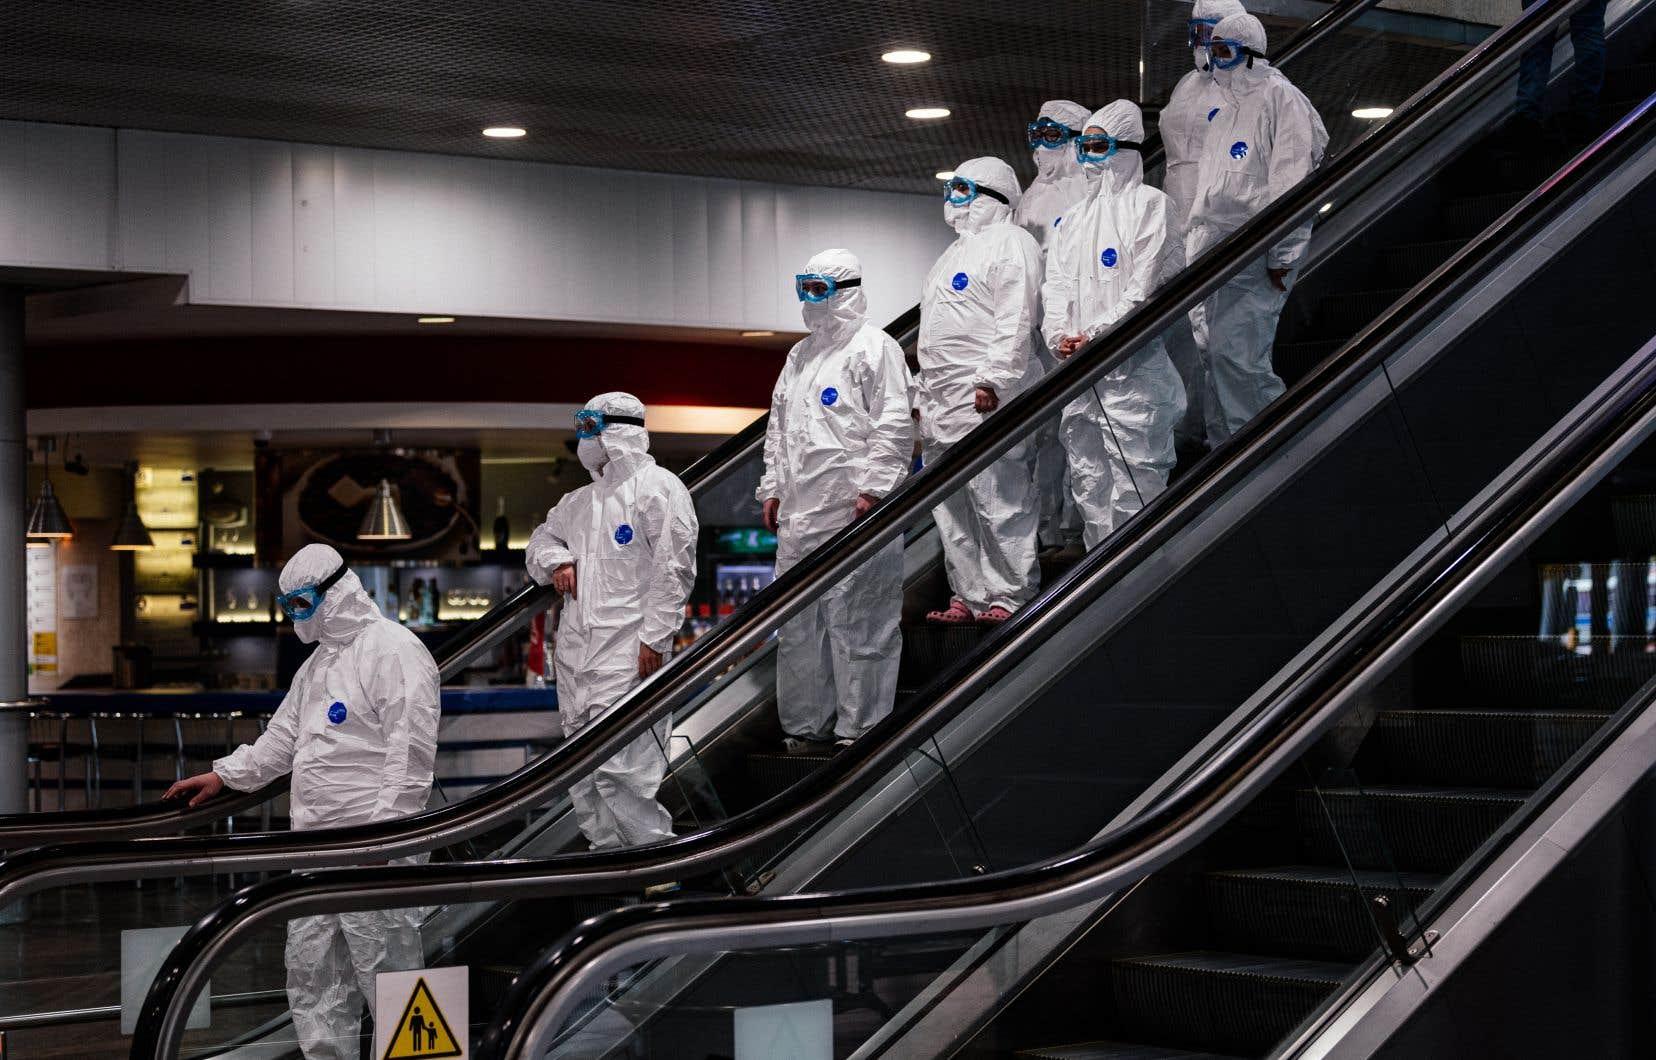 La dynamique d'une épidémie n'est pas déterminée par le nombre de jours depuis le début de l'éclosion: c'est plutôt le nombre de personnes infectées qui dicte le nombre de nouveaux cas.